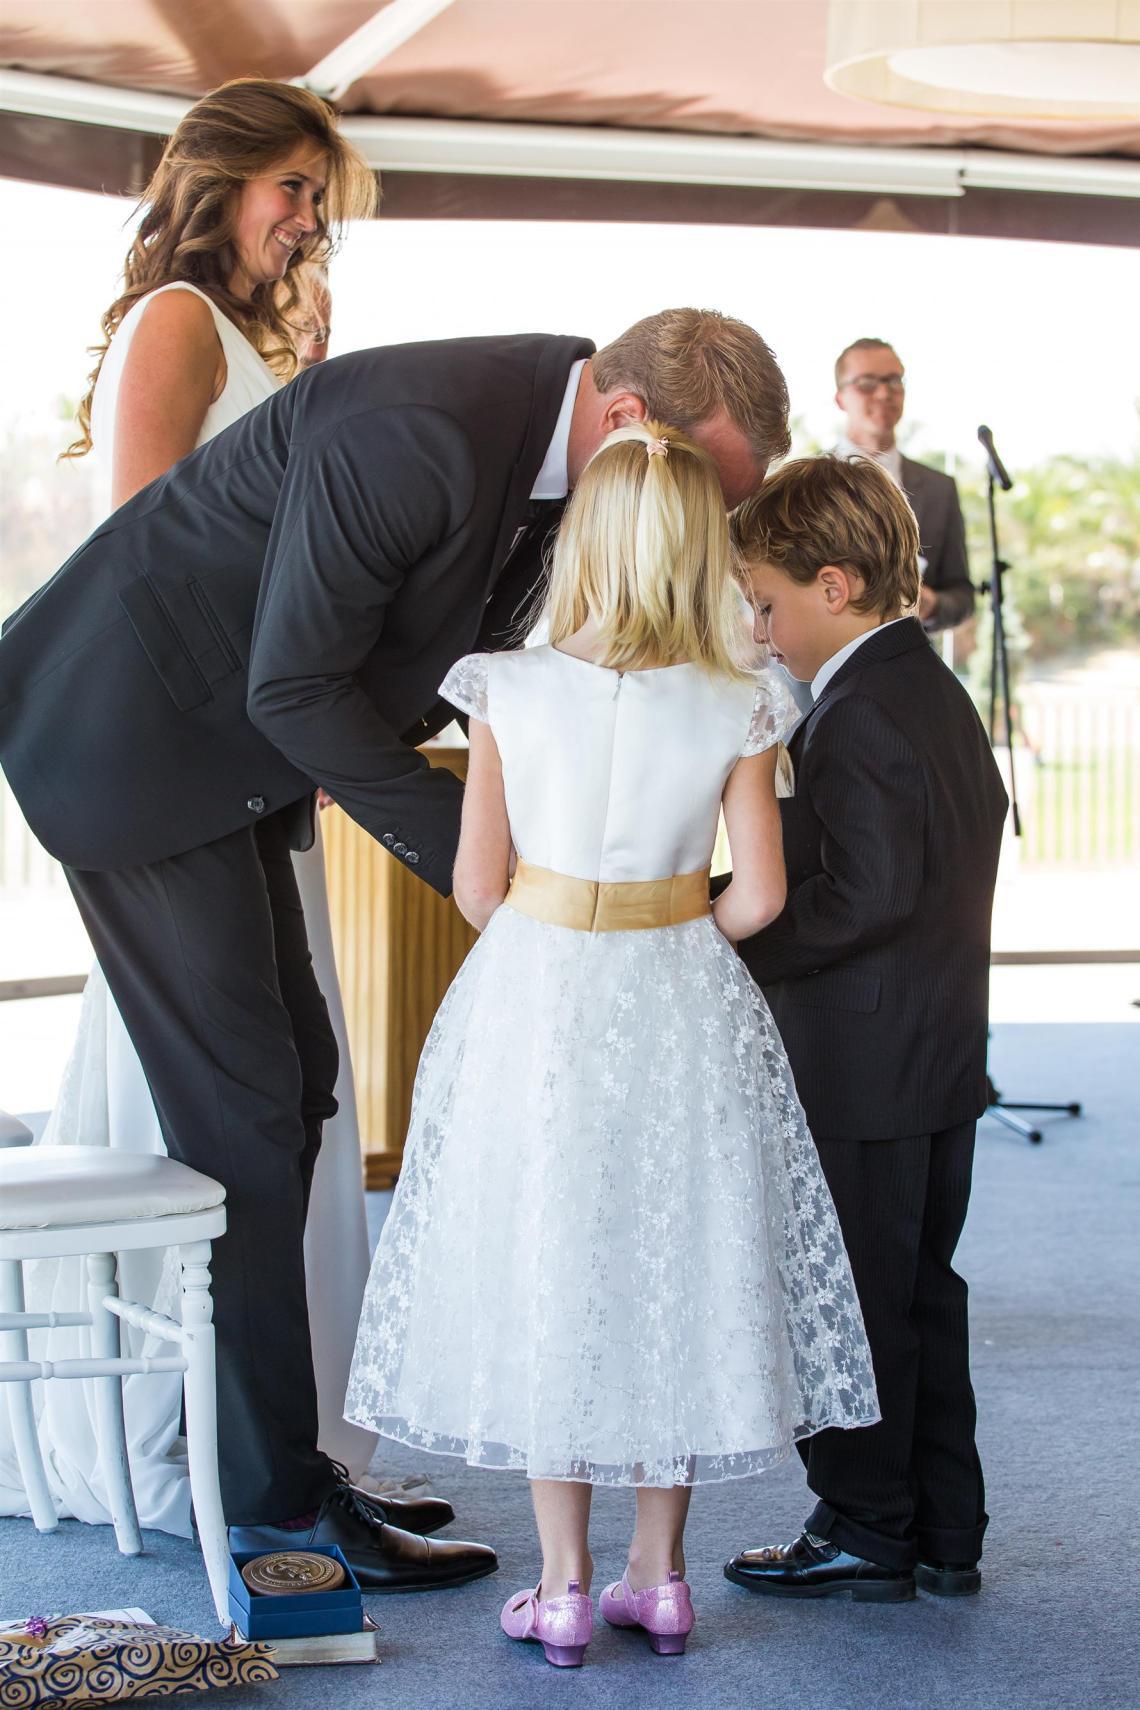 boda-espanola-sueca-ella-se-viste-de-blanco (8)